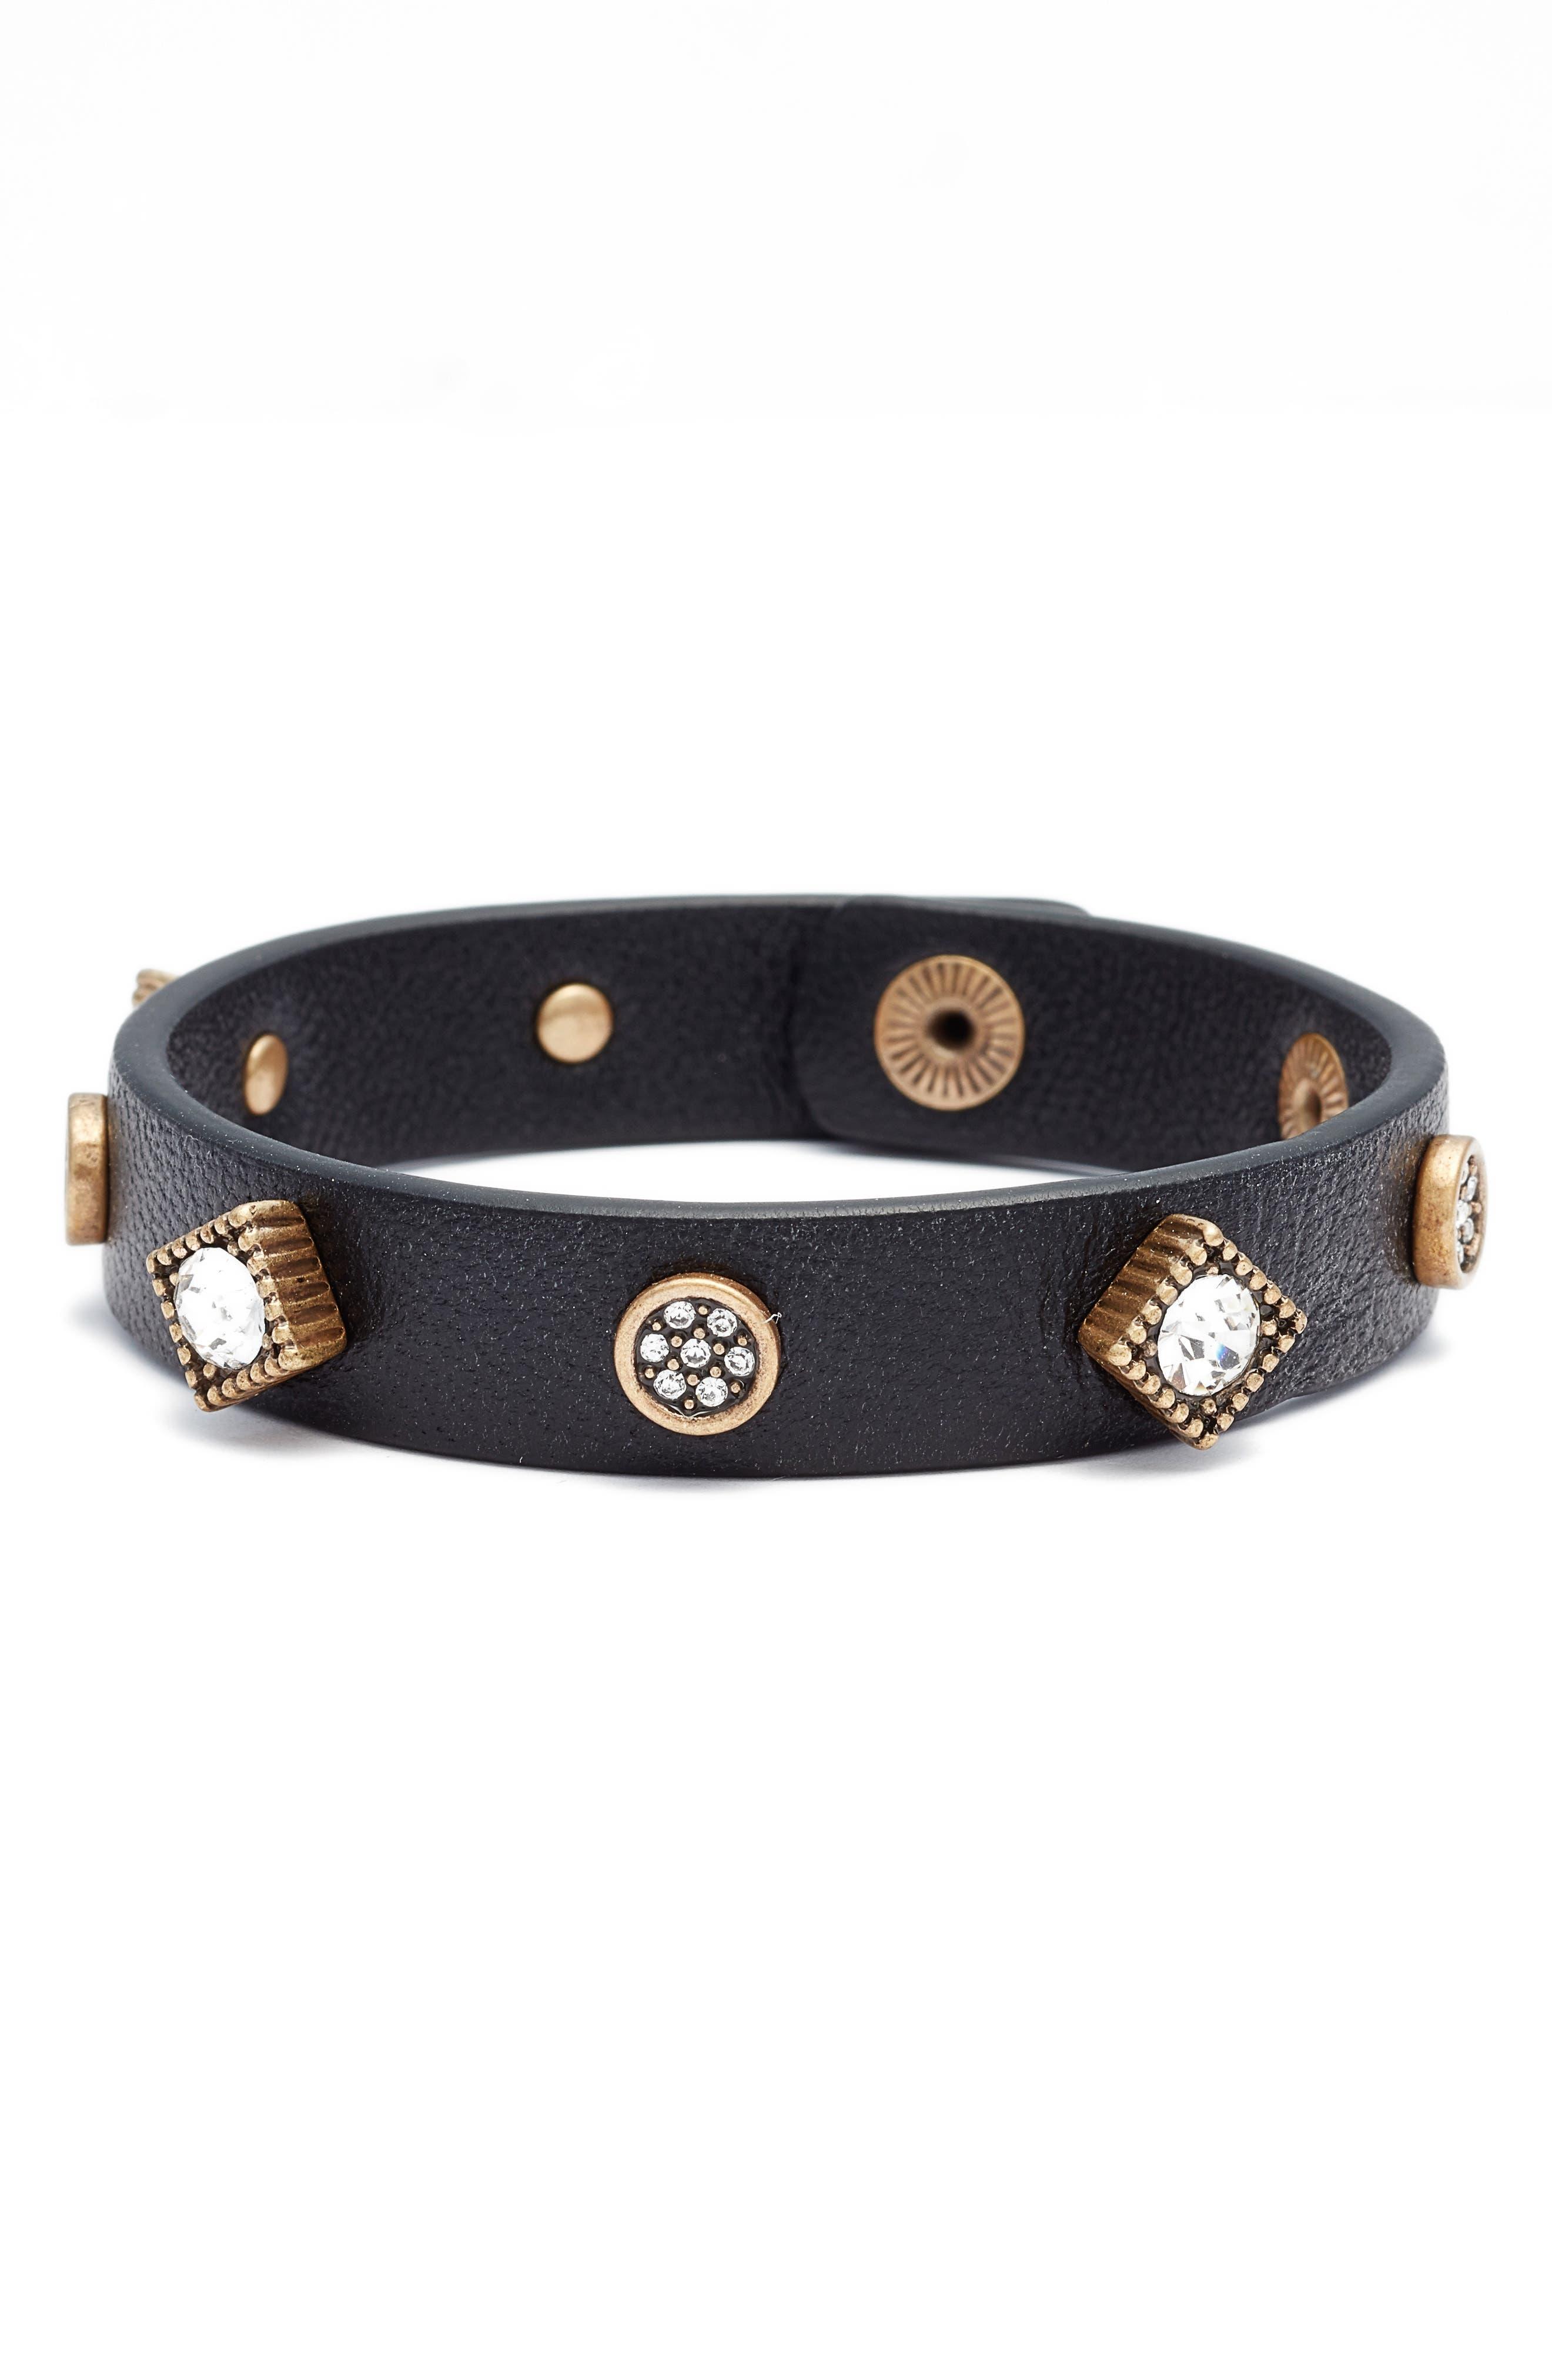 Treasure & Bond Leather Bracelet